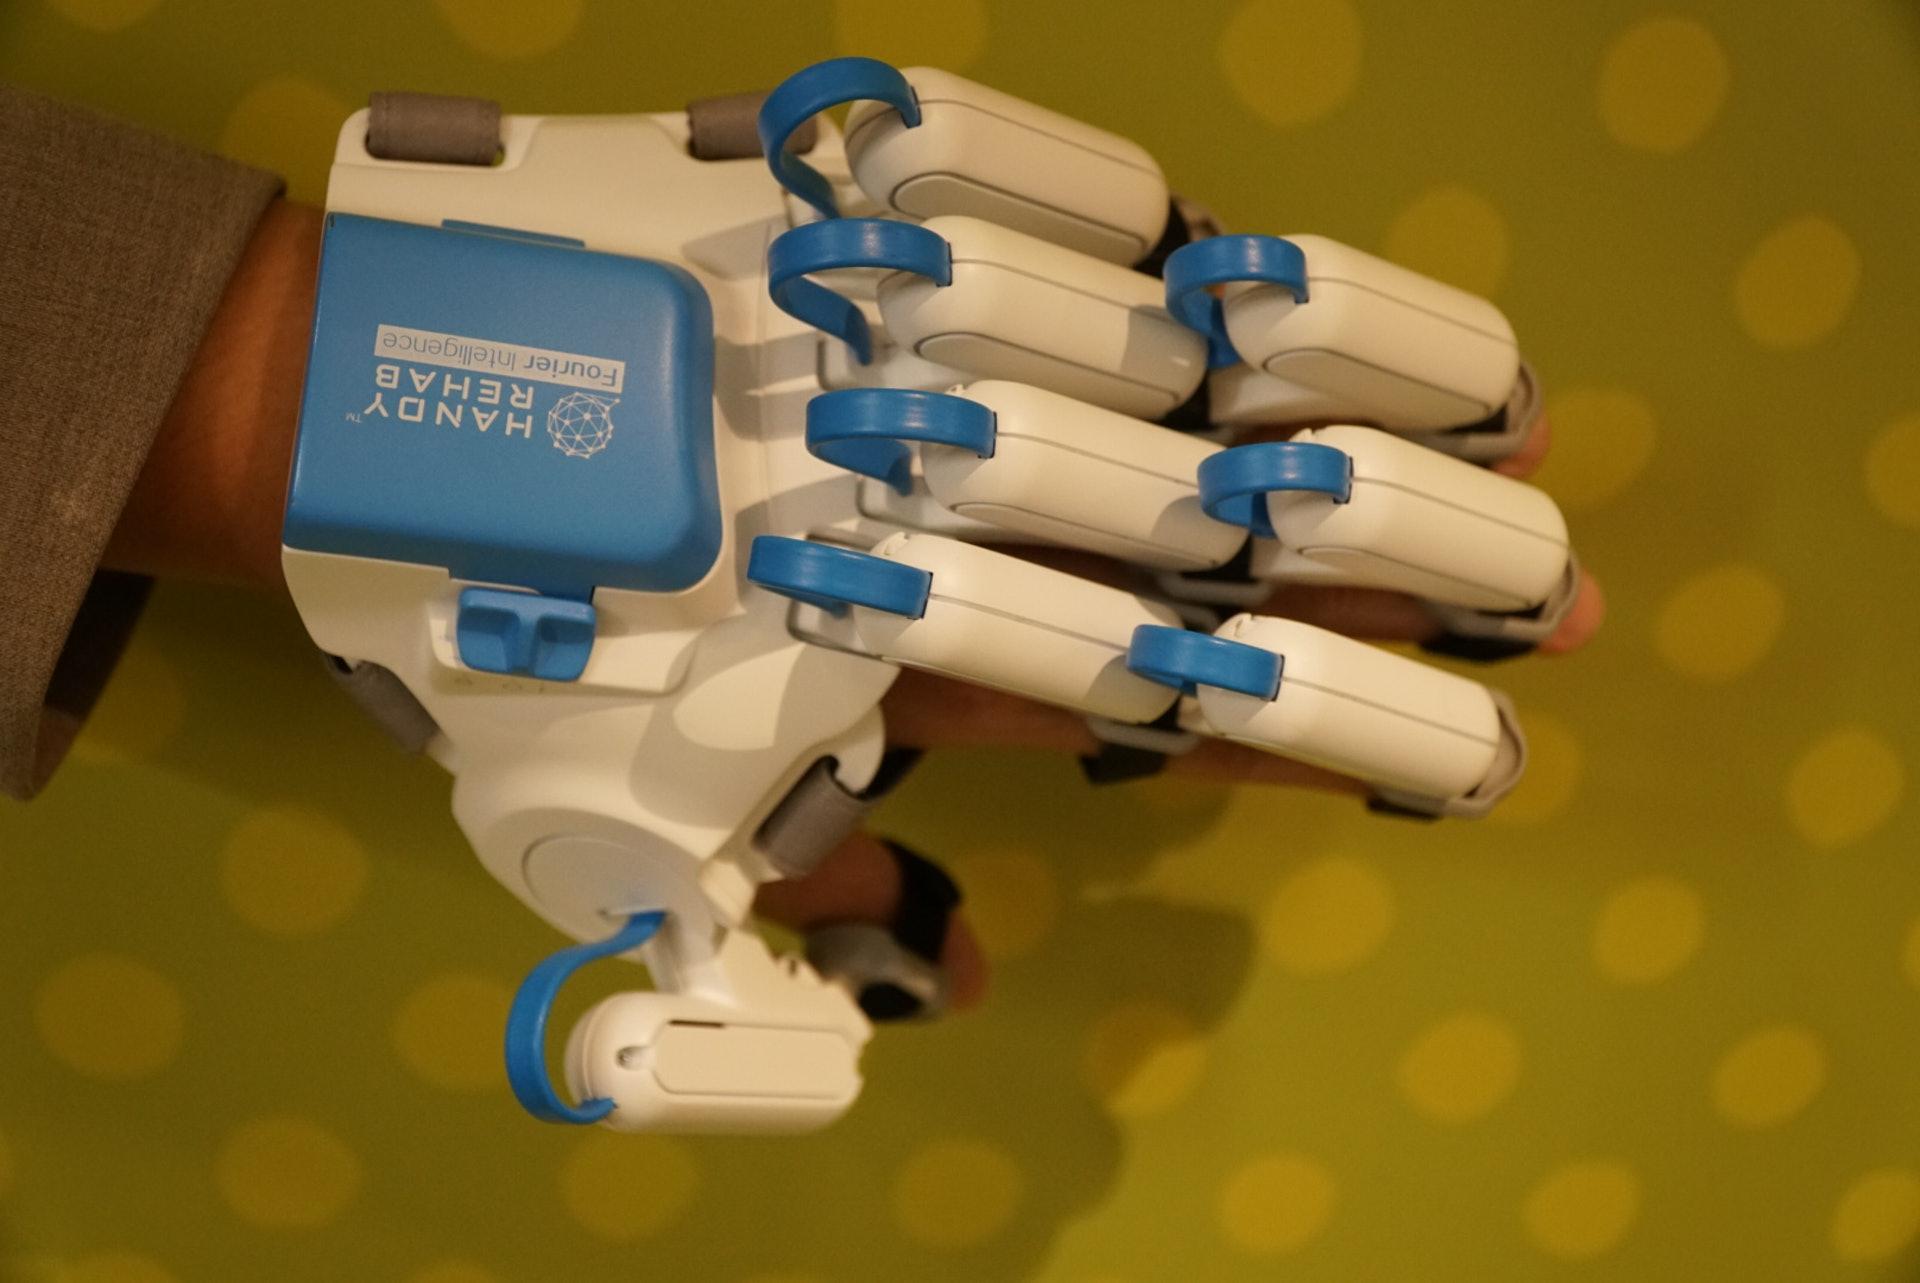 家用版復康機械手除簡化醫用版外,亦由過往一體式改為分拆式,方便為用家進行維修。(曾鳳婷攝)